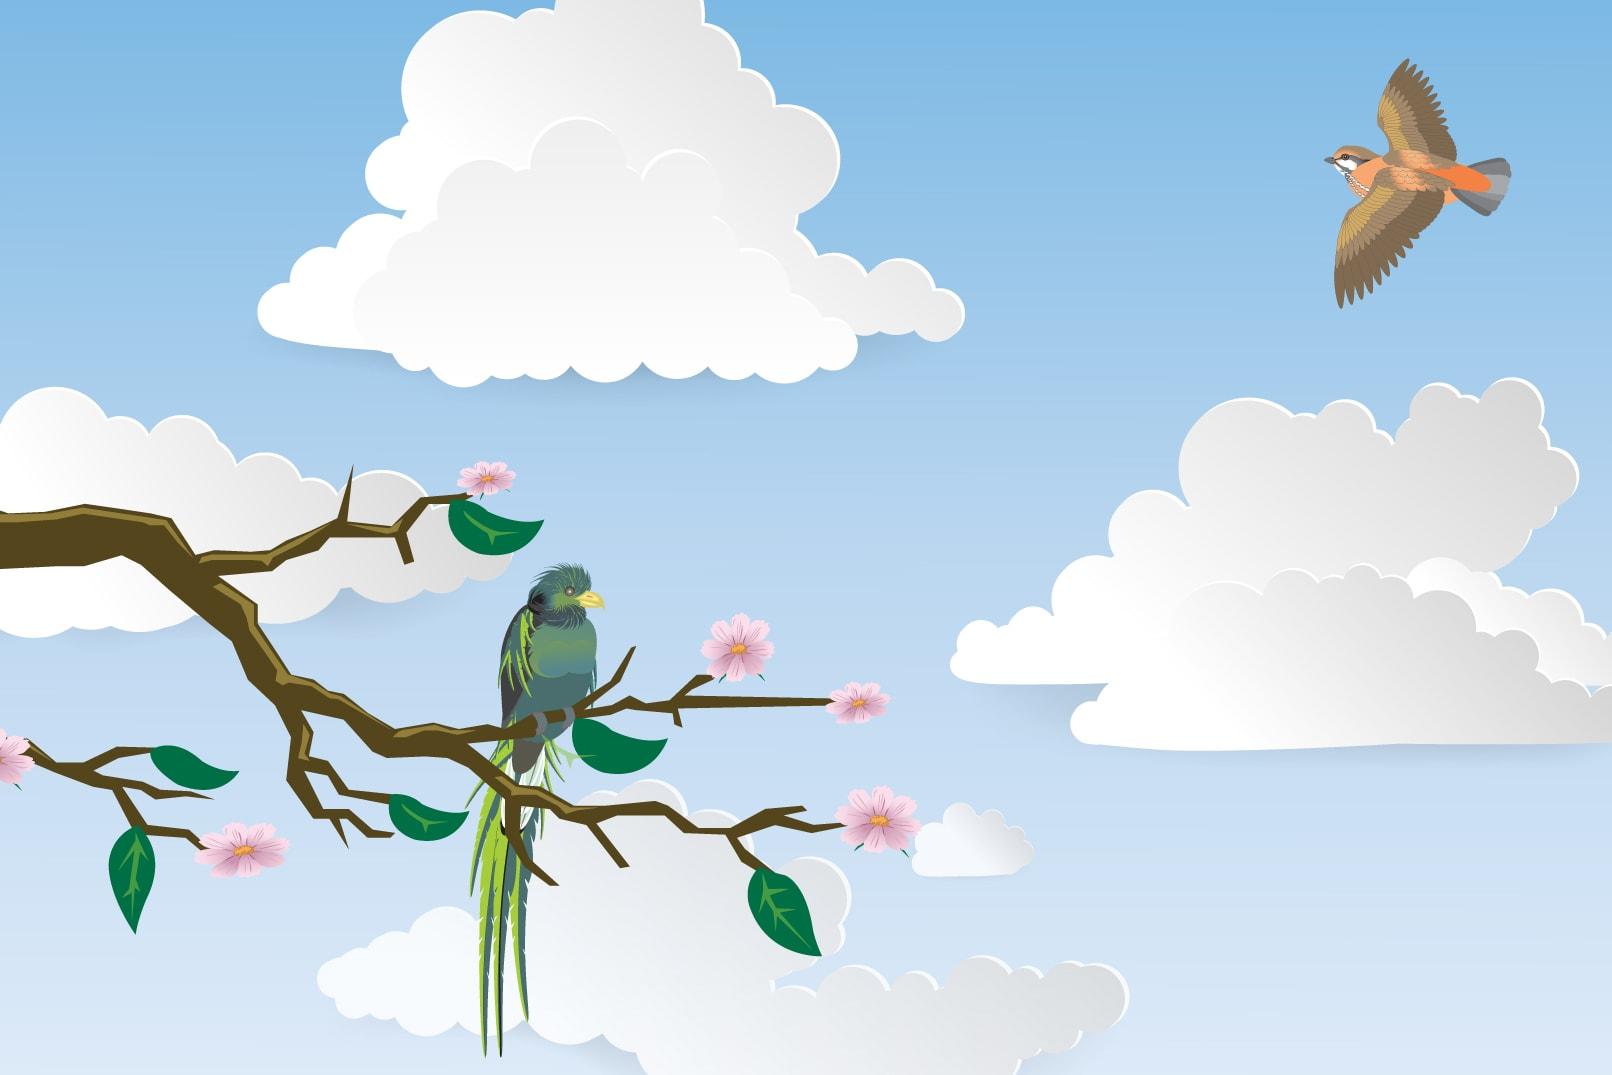 Bilder von Wolken für Photoshop, InDesign und Illustrator